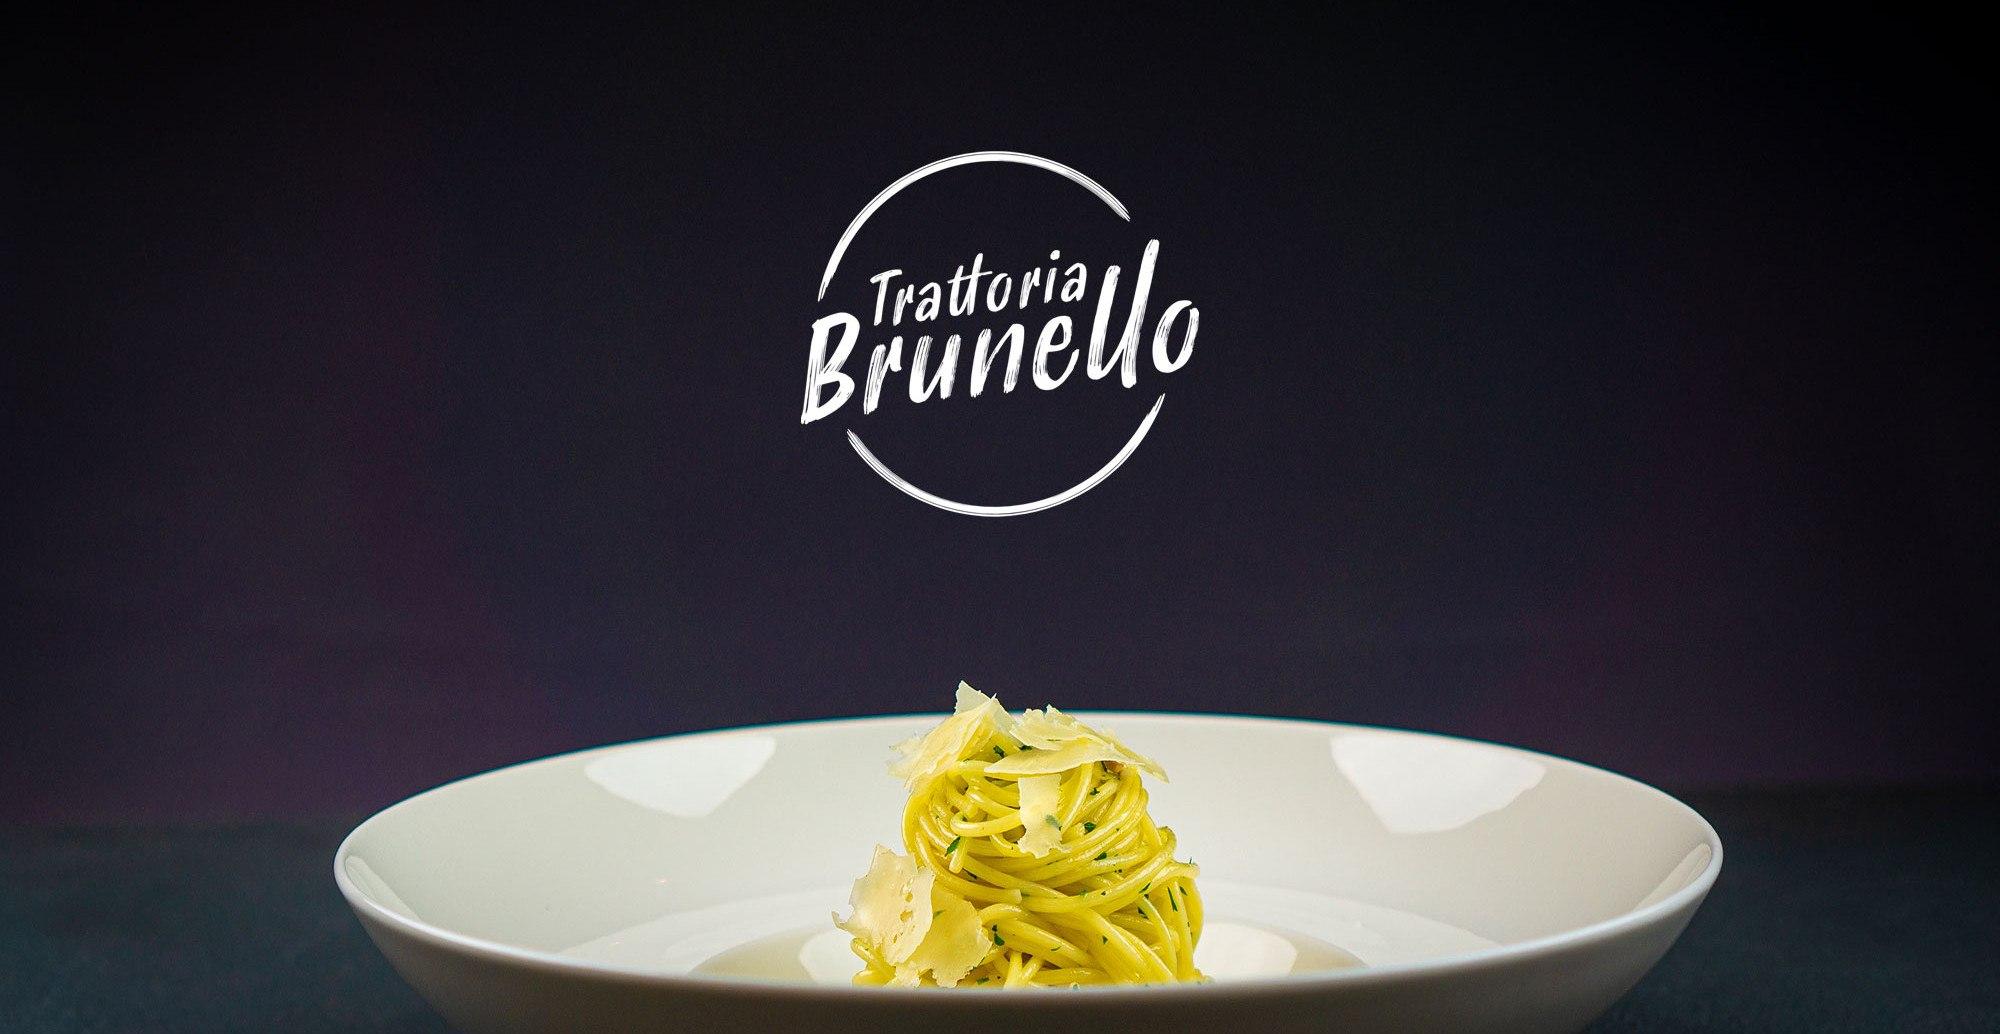 Trattoria Brunello